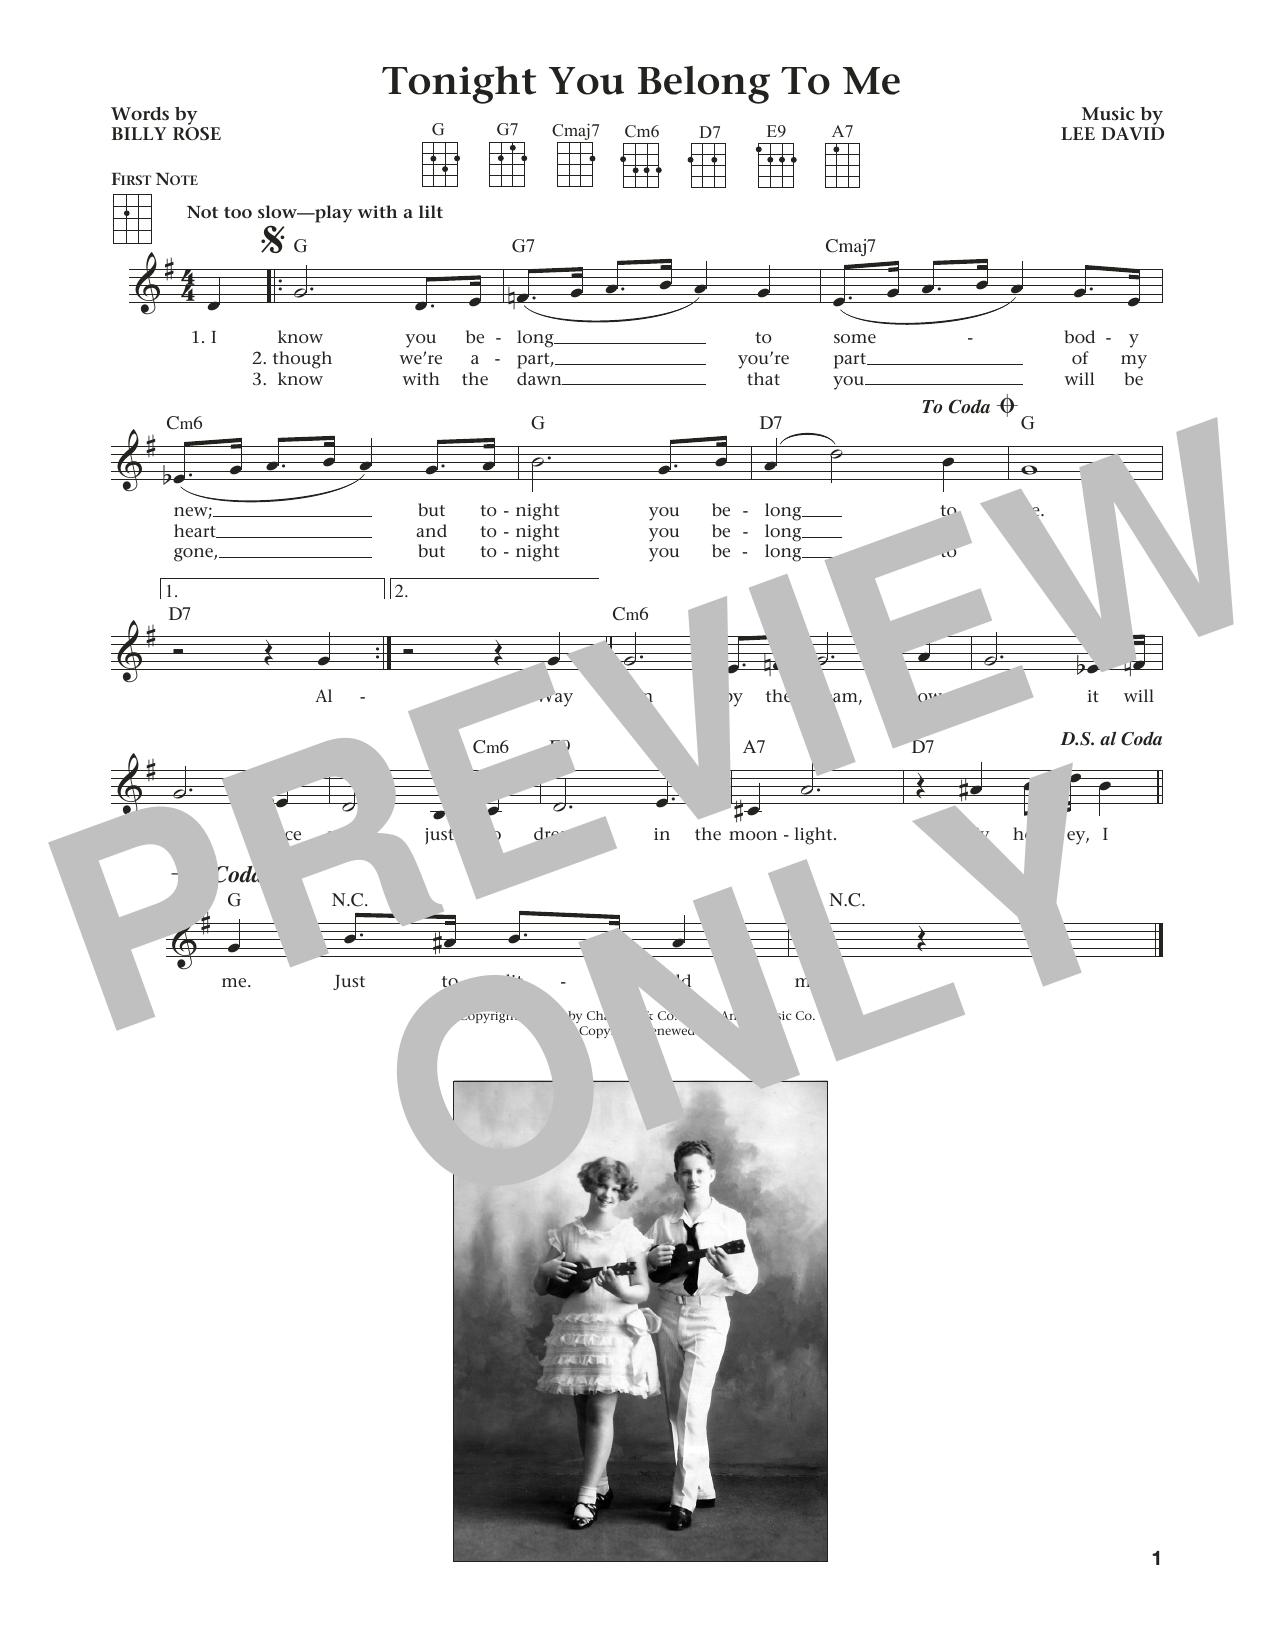 Tonight You Belong To Me (from The Daily Ukulele) (arr. Liz and Jim Beloff) (Ukulele)